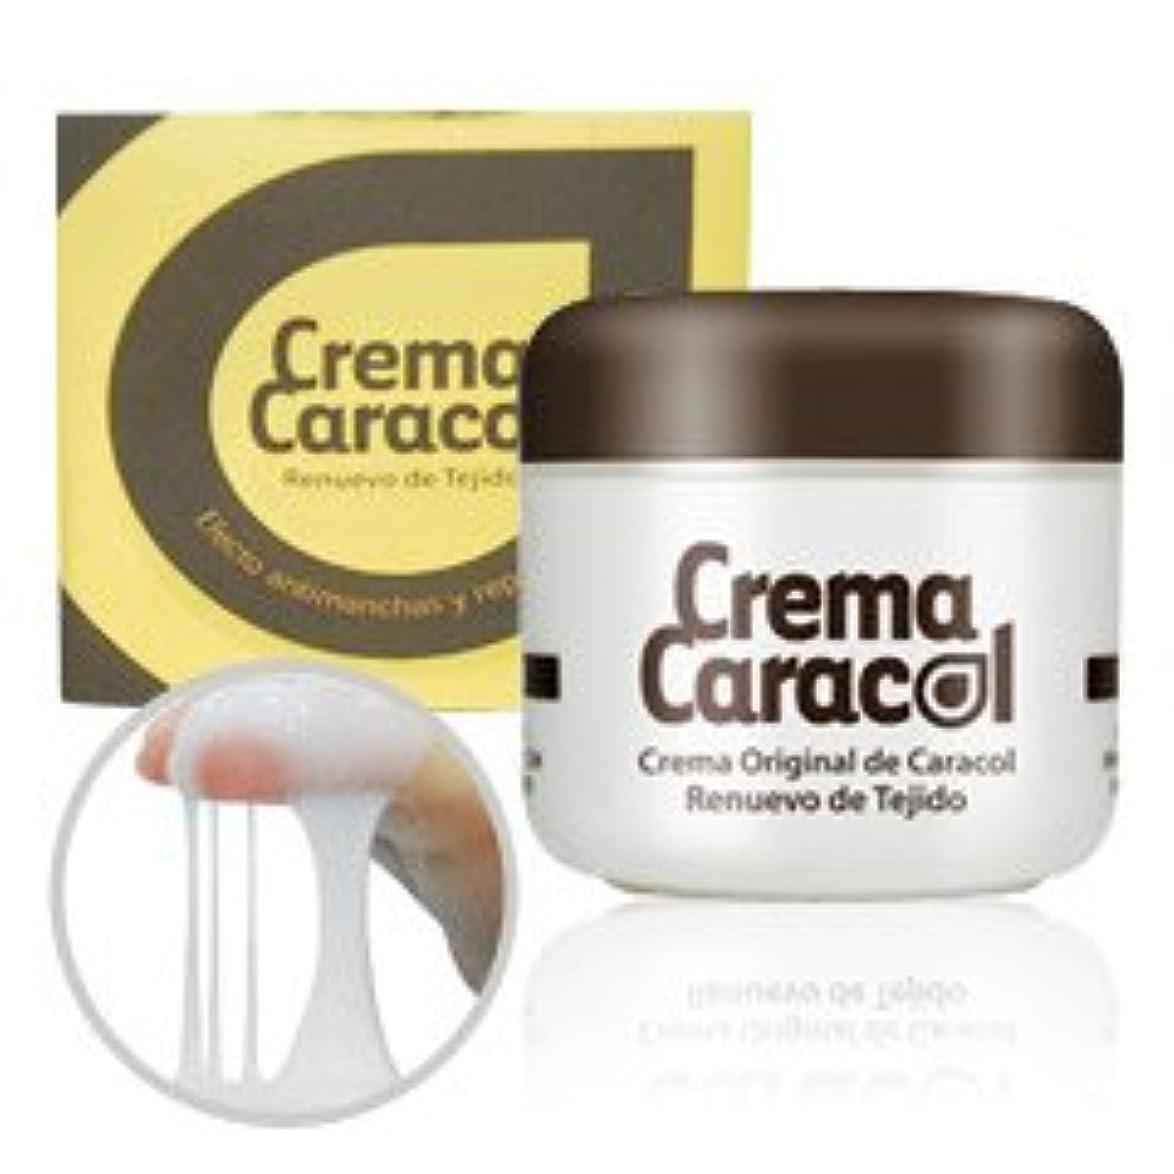 シュリンク観点時crema caracol(カラコール) かたつむりクリーム 3個セット